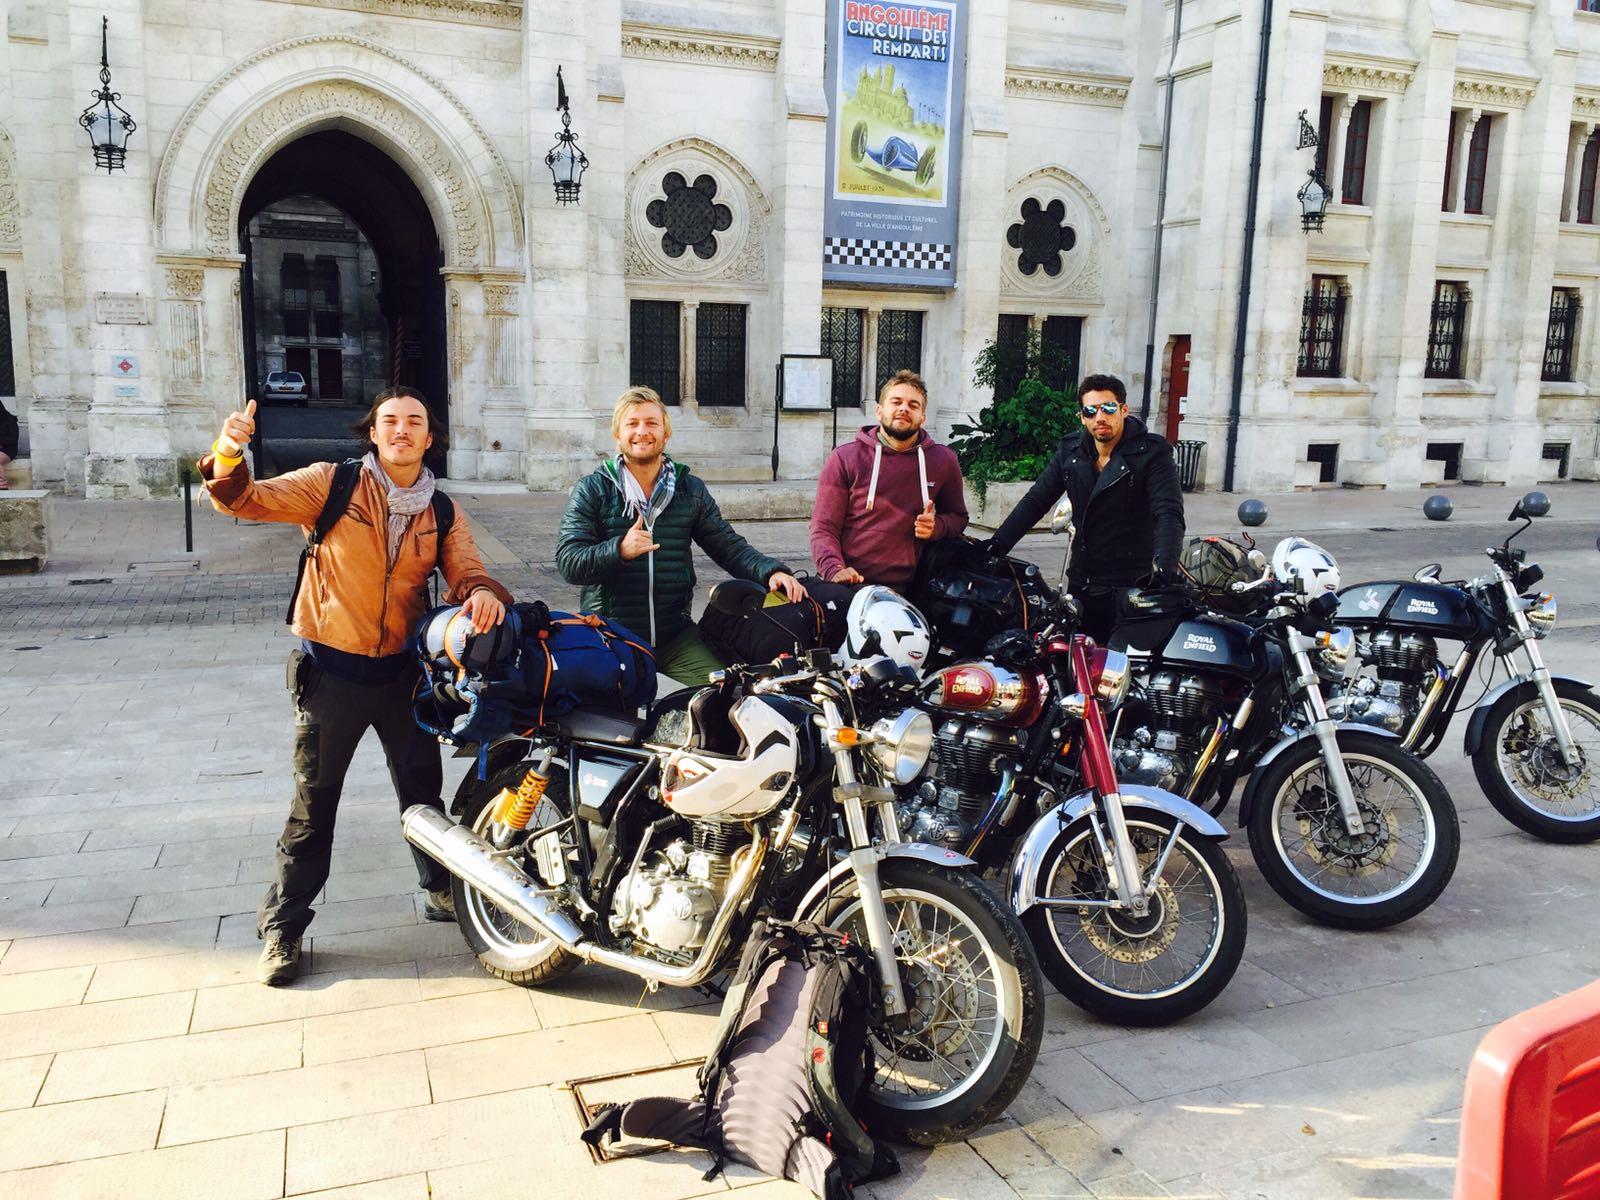 Planet Ride the trip en charent et royal enfield